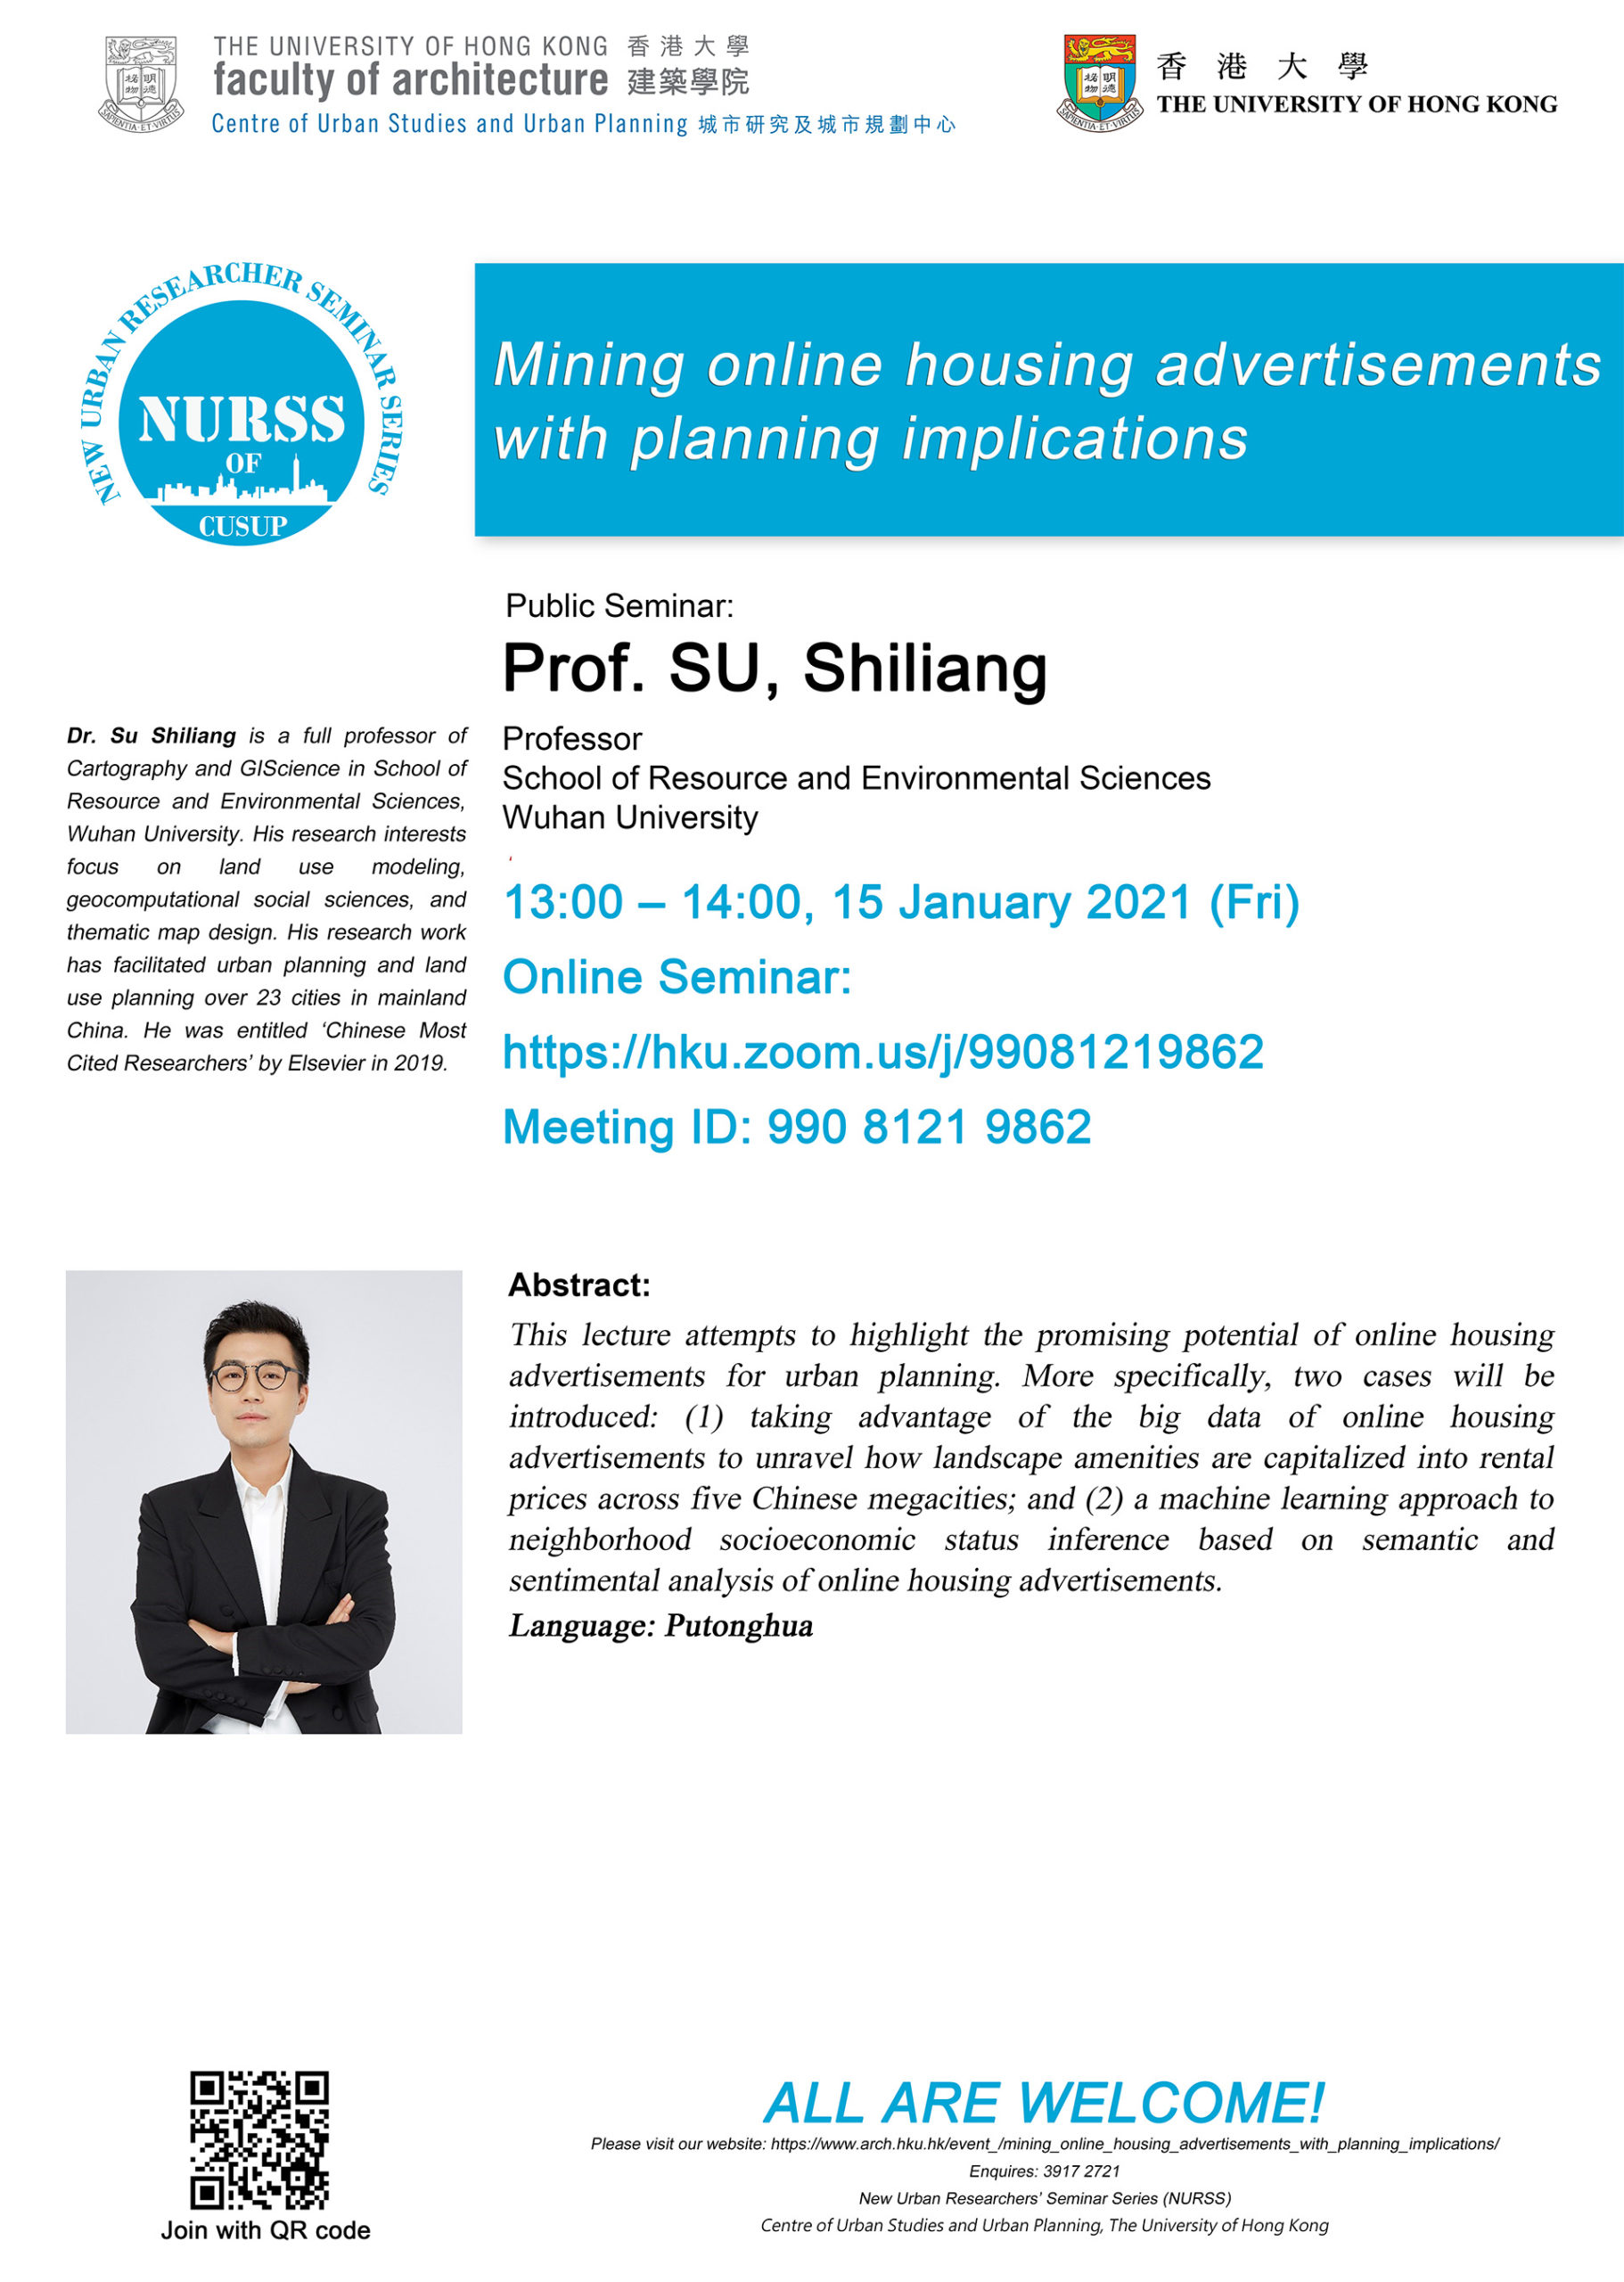 Su, Shiliang